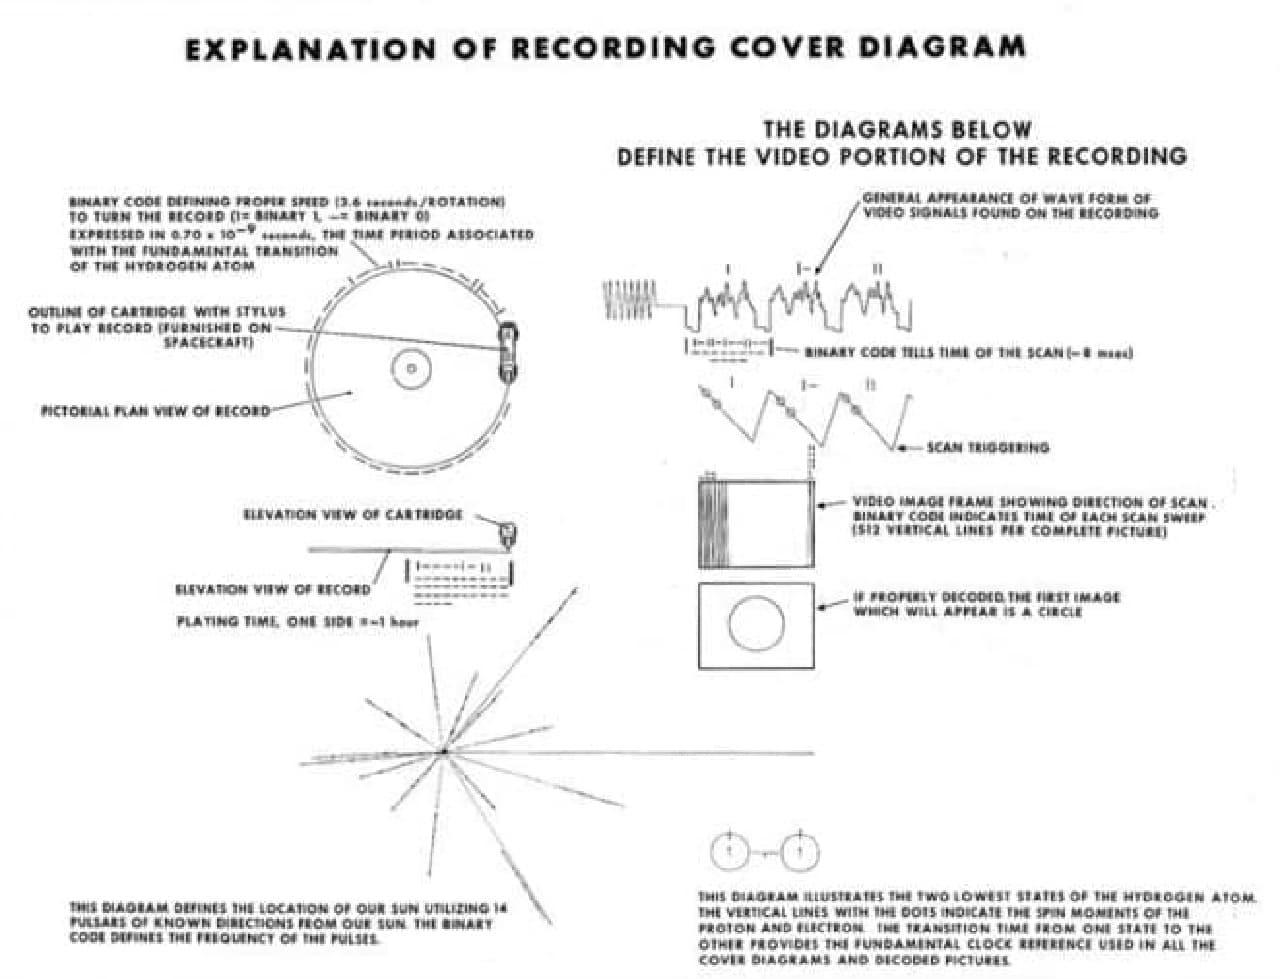 宇宙人へのメッセージが収録された「ゴールデンレコード」、ボイジャー打ち上げ40周年を記念した復刻版登場